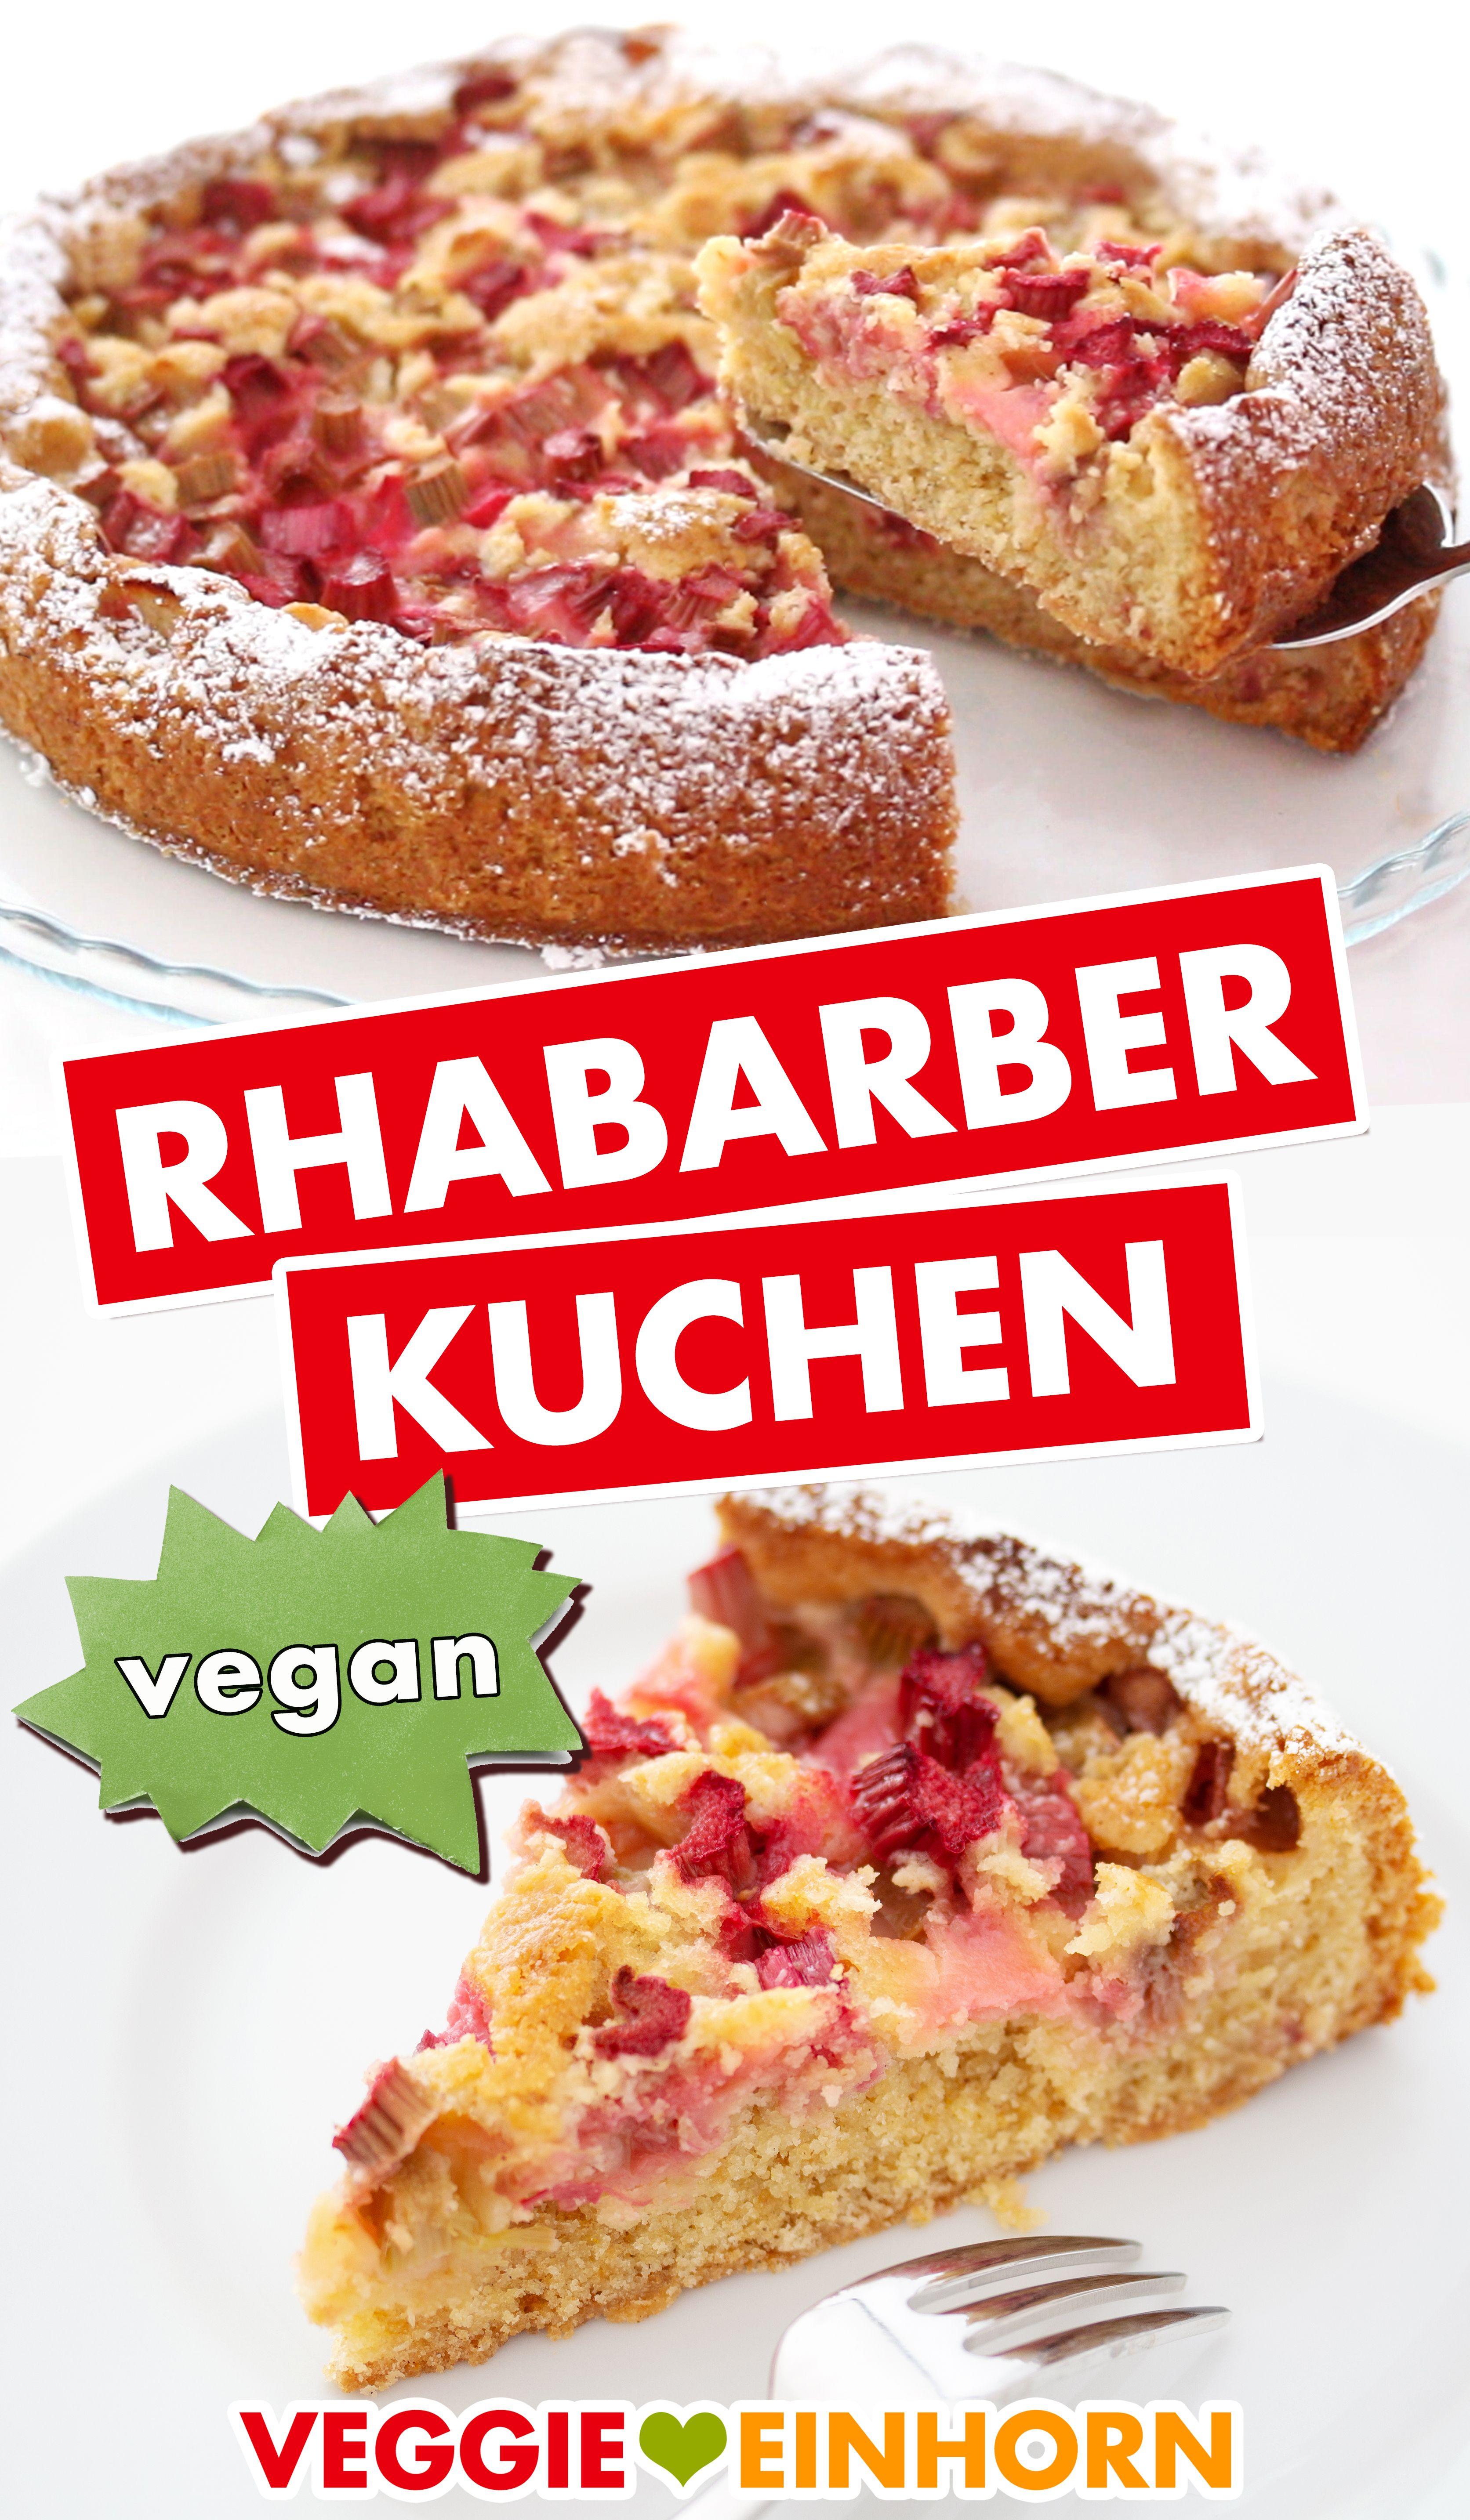 Leckerer veganer Rhabarberkuchen ohne Ei und ohne Butter | Einfaches Rezept für Rhabarber Kuchen